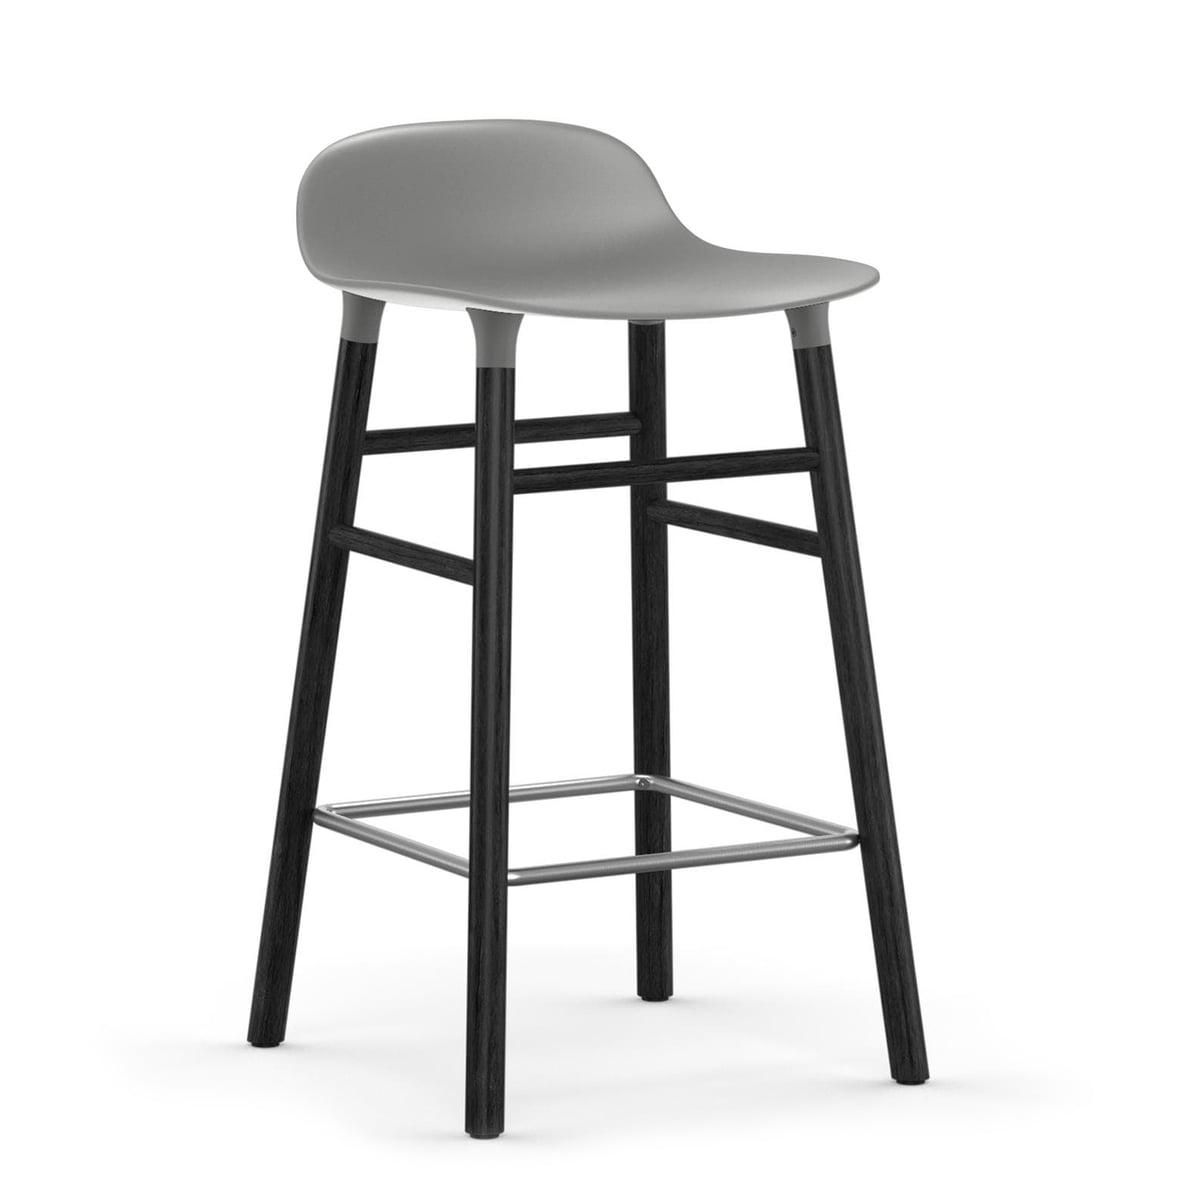 Normann Copenhagen - Form tabouret de bar 65 cm, piètement en chêne noir / gris